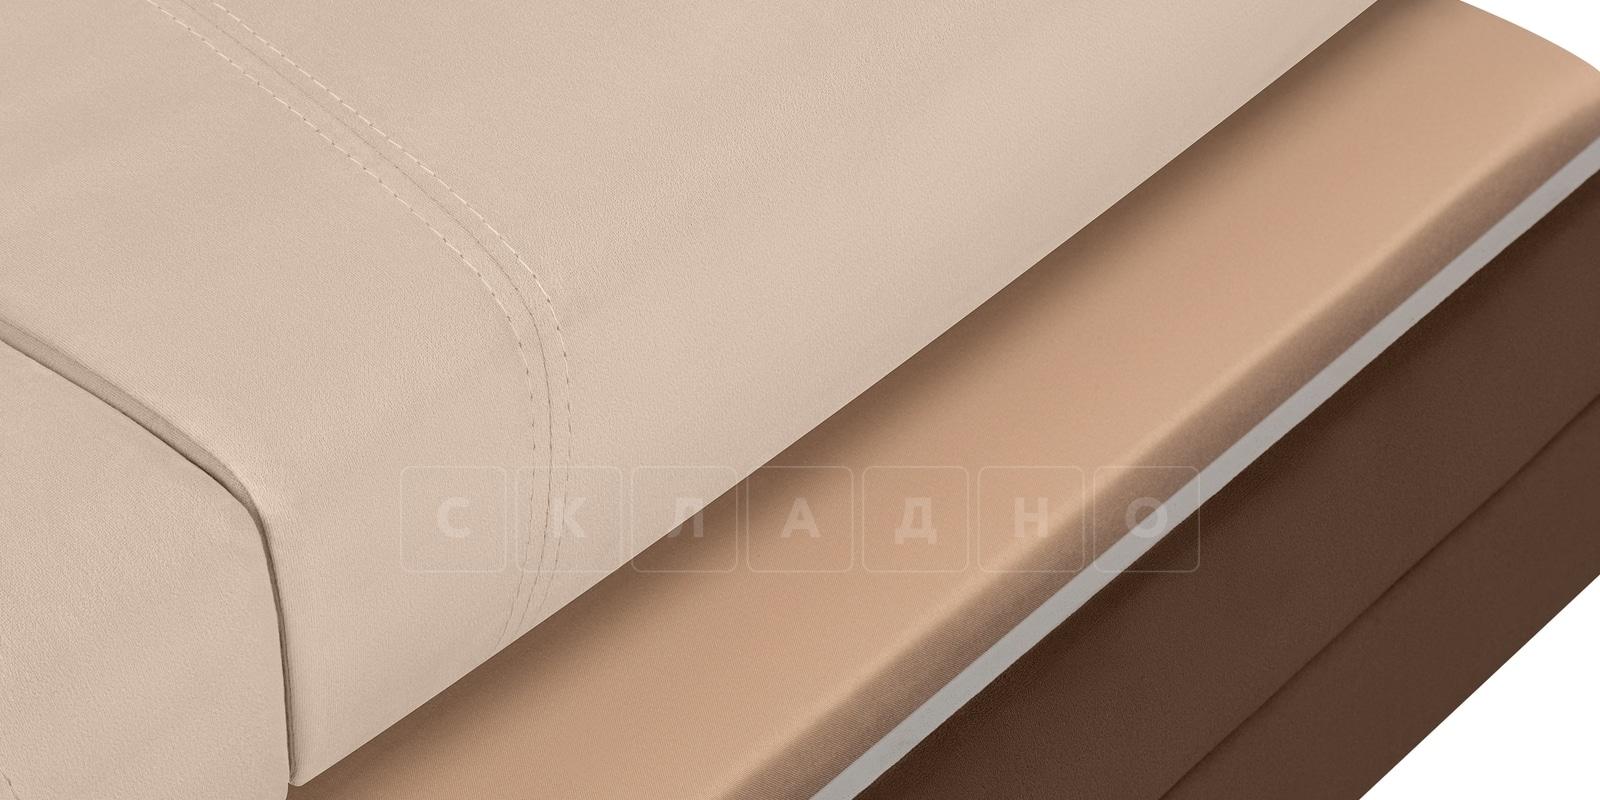 Диван Бристоль велюр бежевый с коричневым фото 7 | интернет-магазин Складно